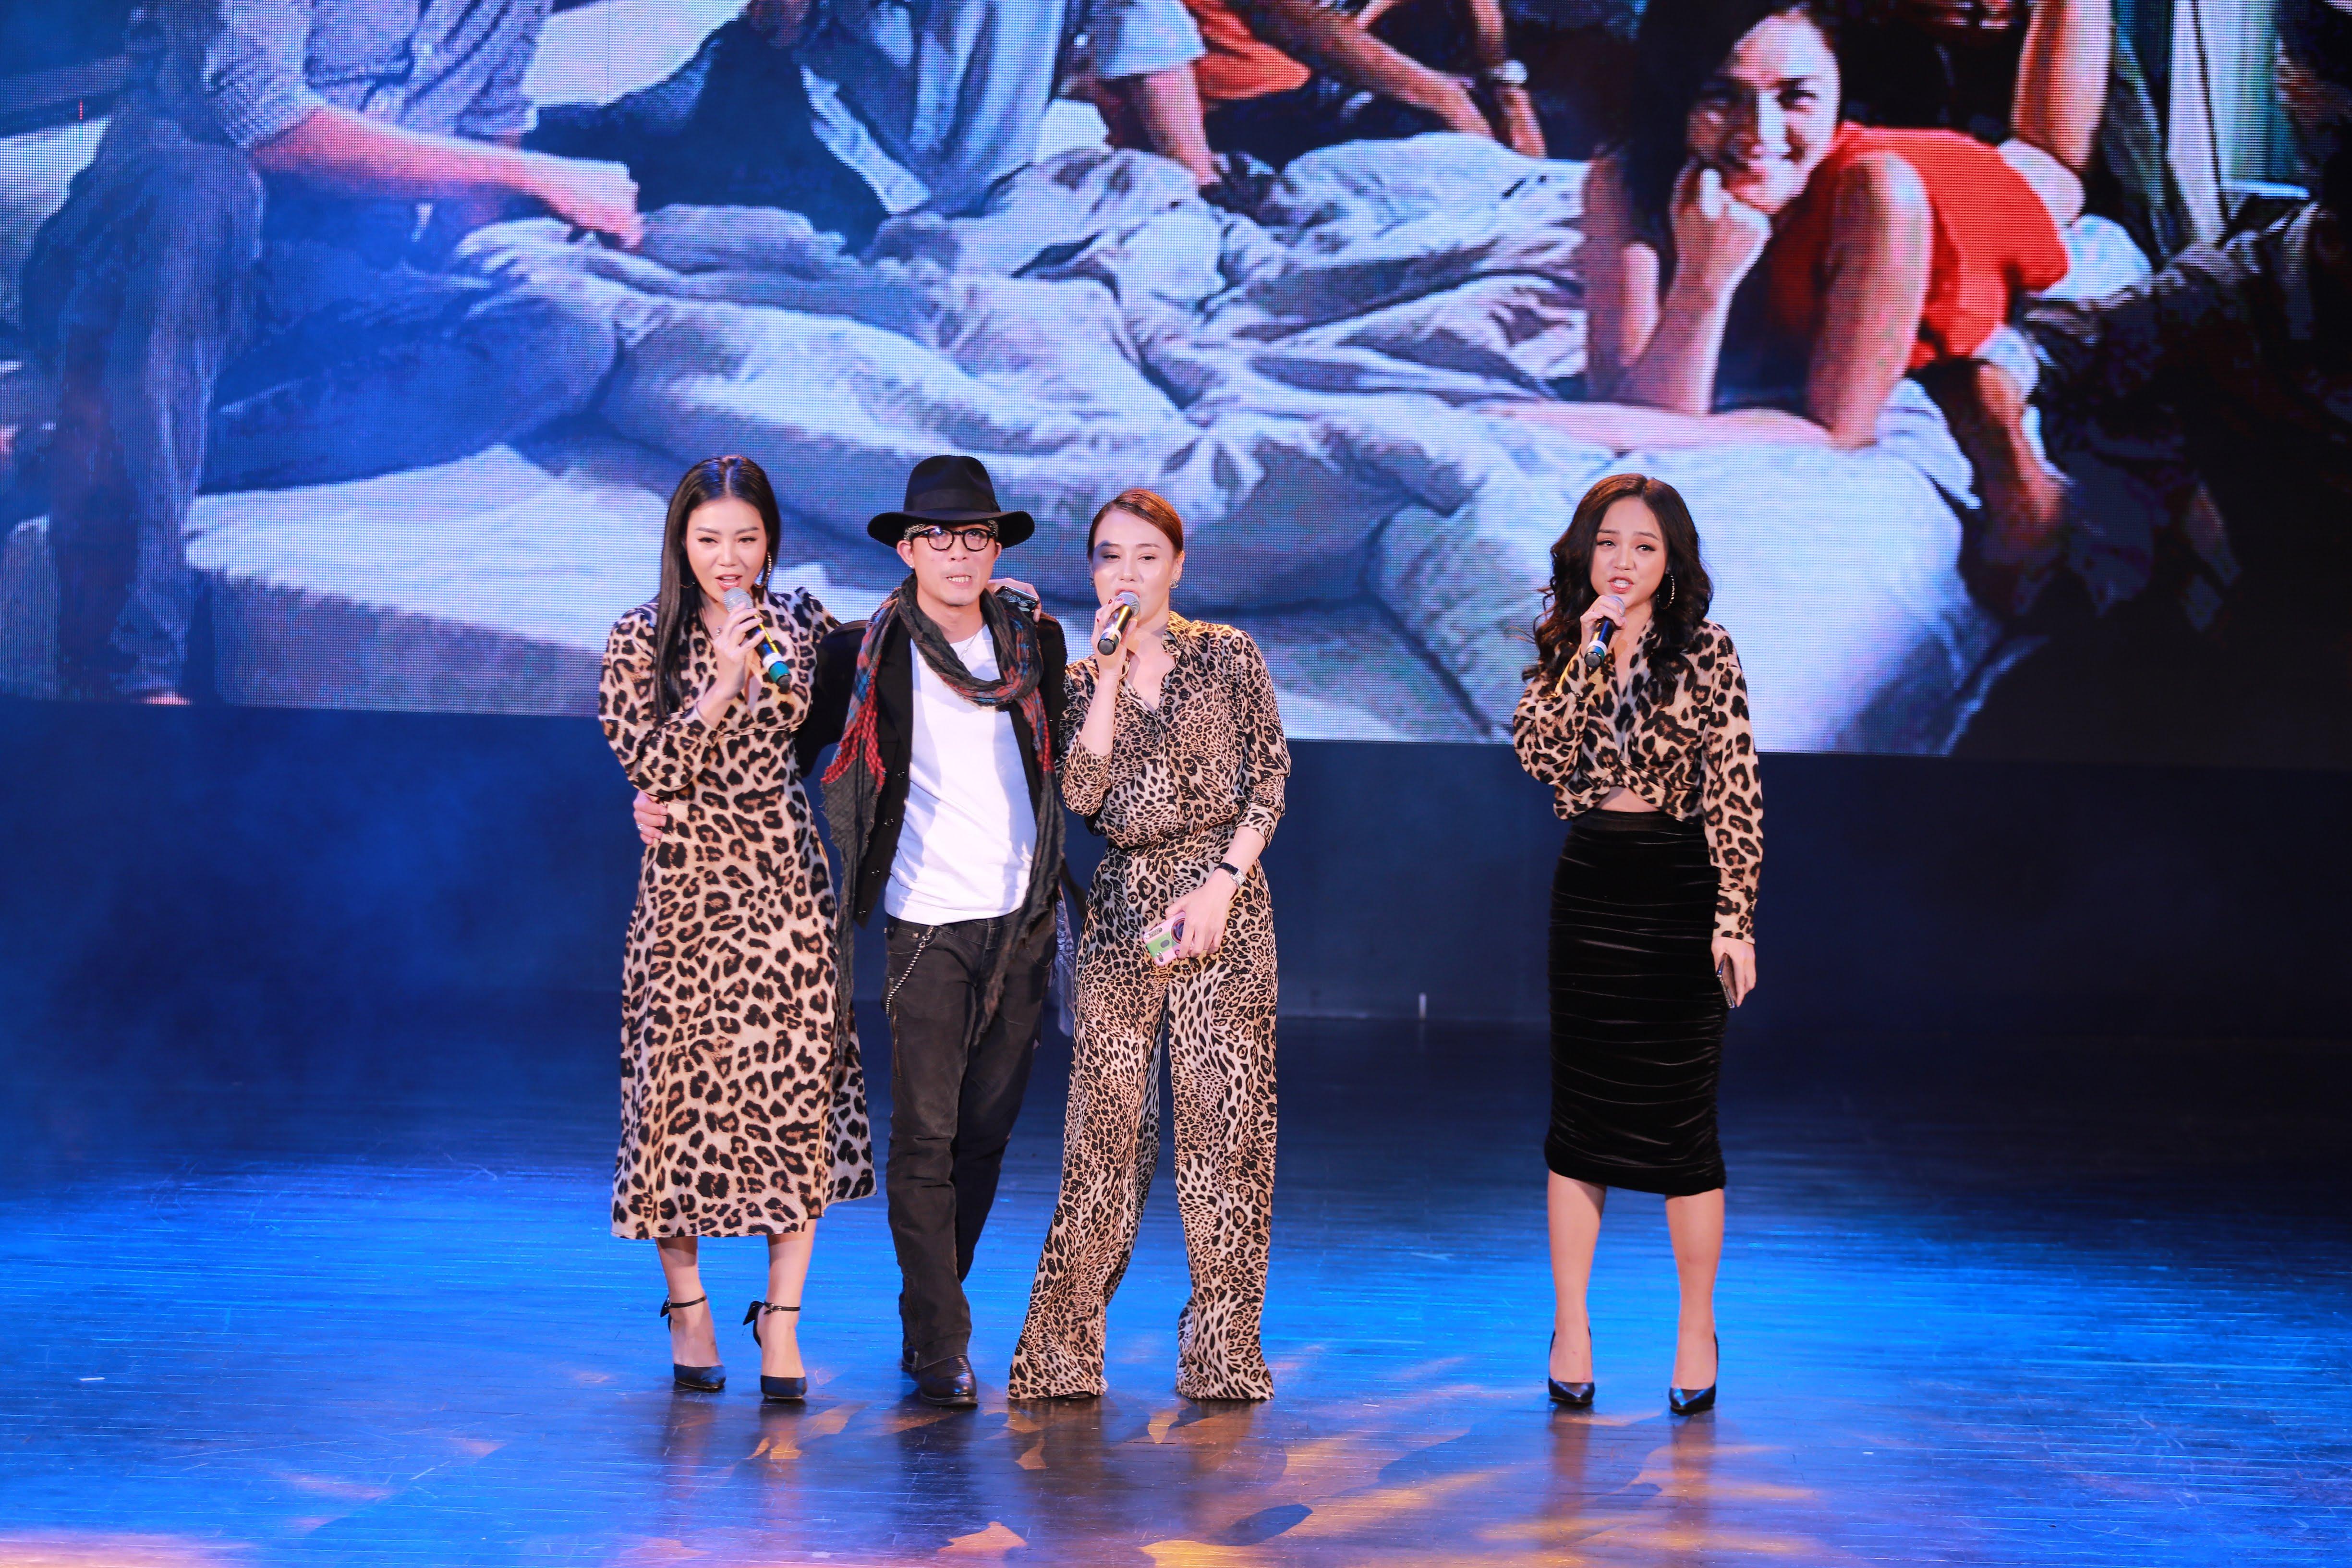 4 diễn viên Doãn Quốc Đam, Phương Oanh, Thu Quỳnh, Thanh Hương tại buổi giao lưu.